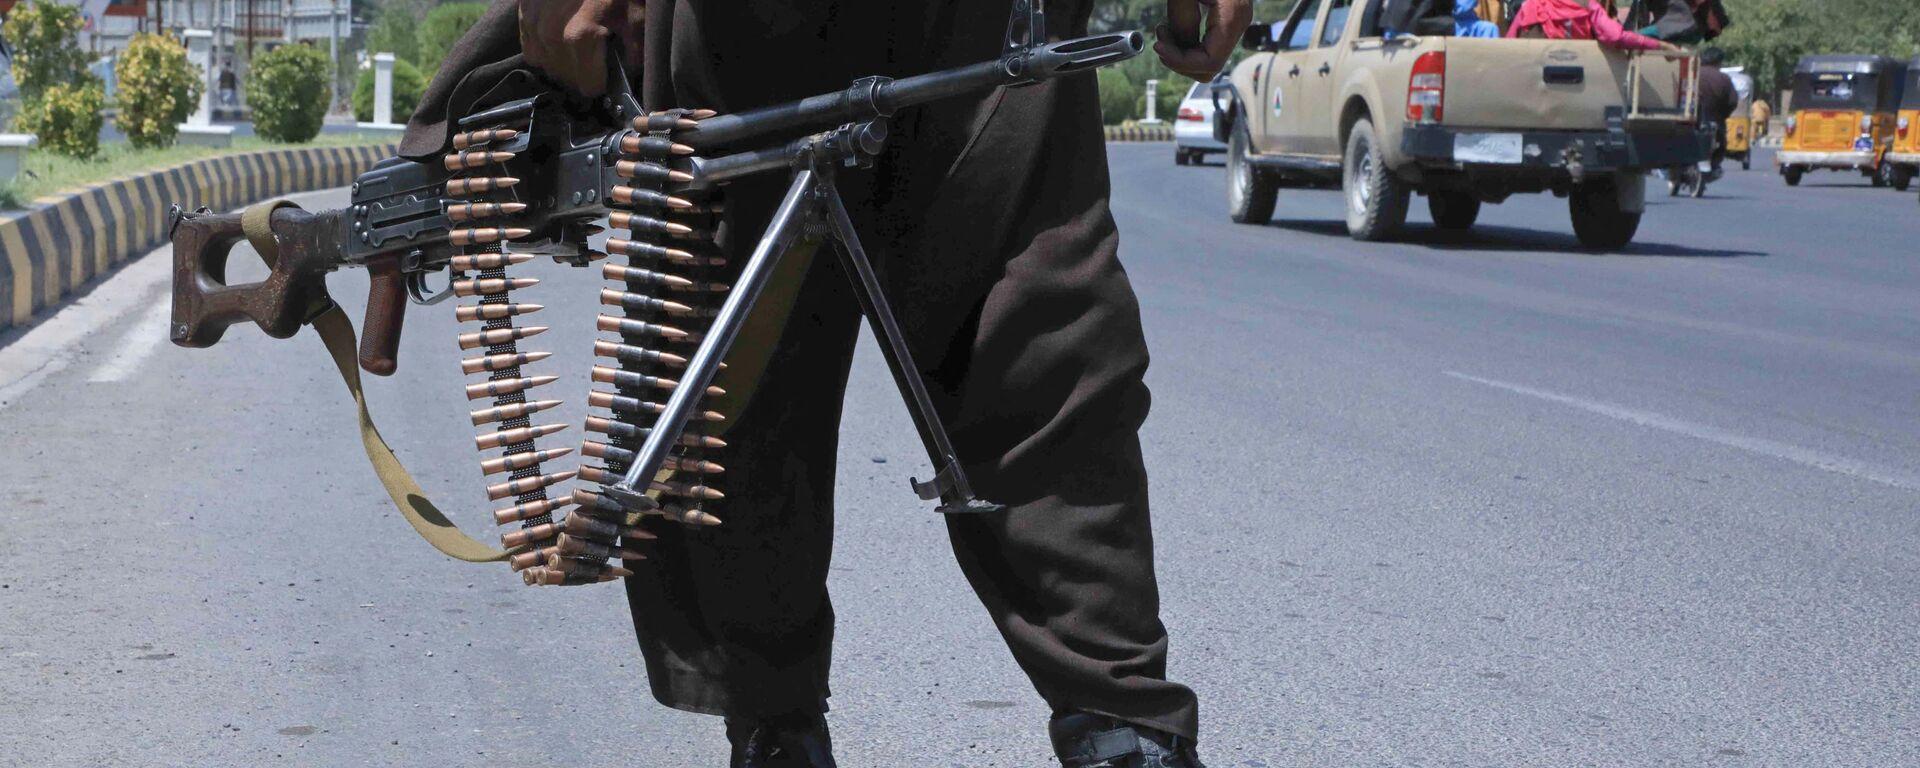 Боевик Талибана* на улице в афганском городе Герат - Sputnik Узбекистан, 1920, 16.08.2021